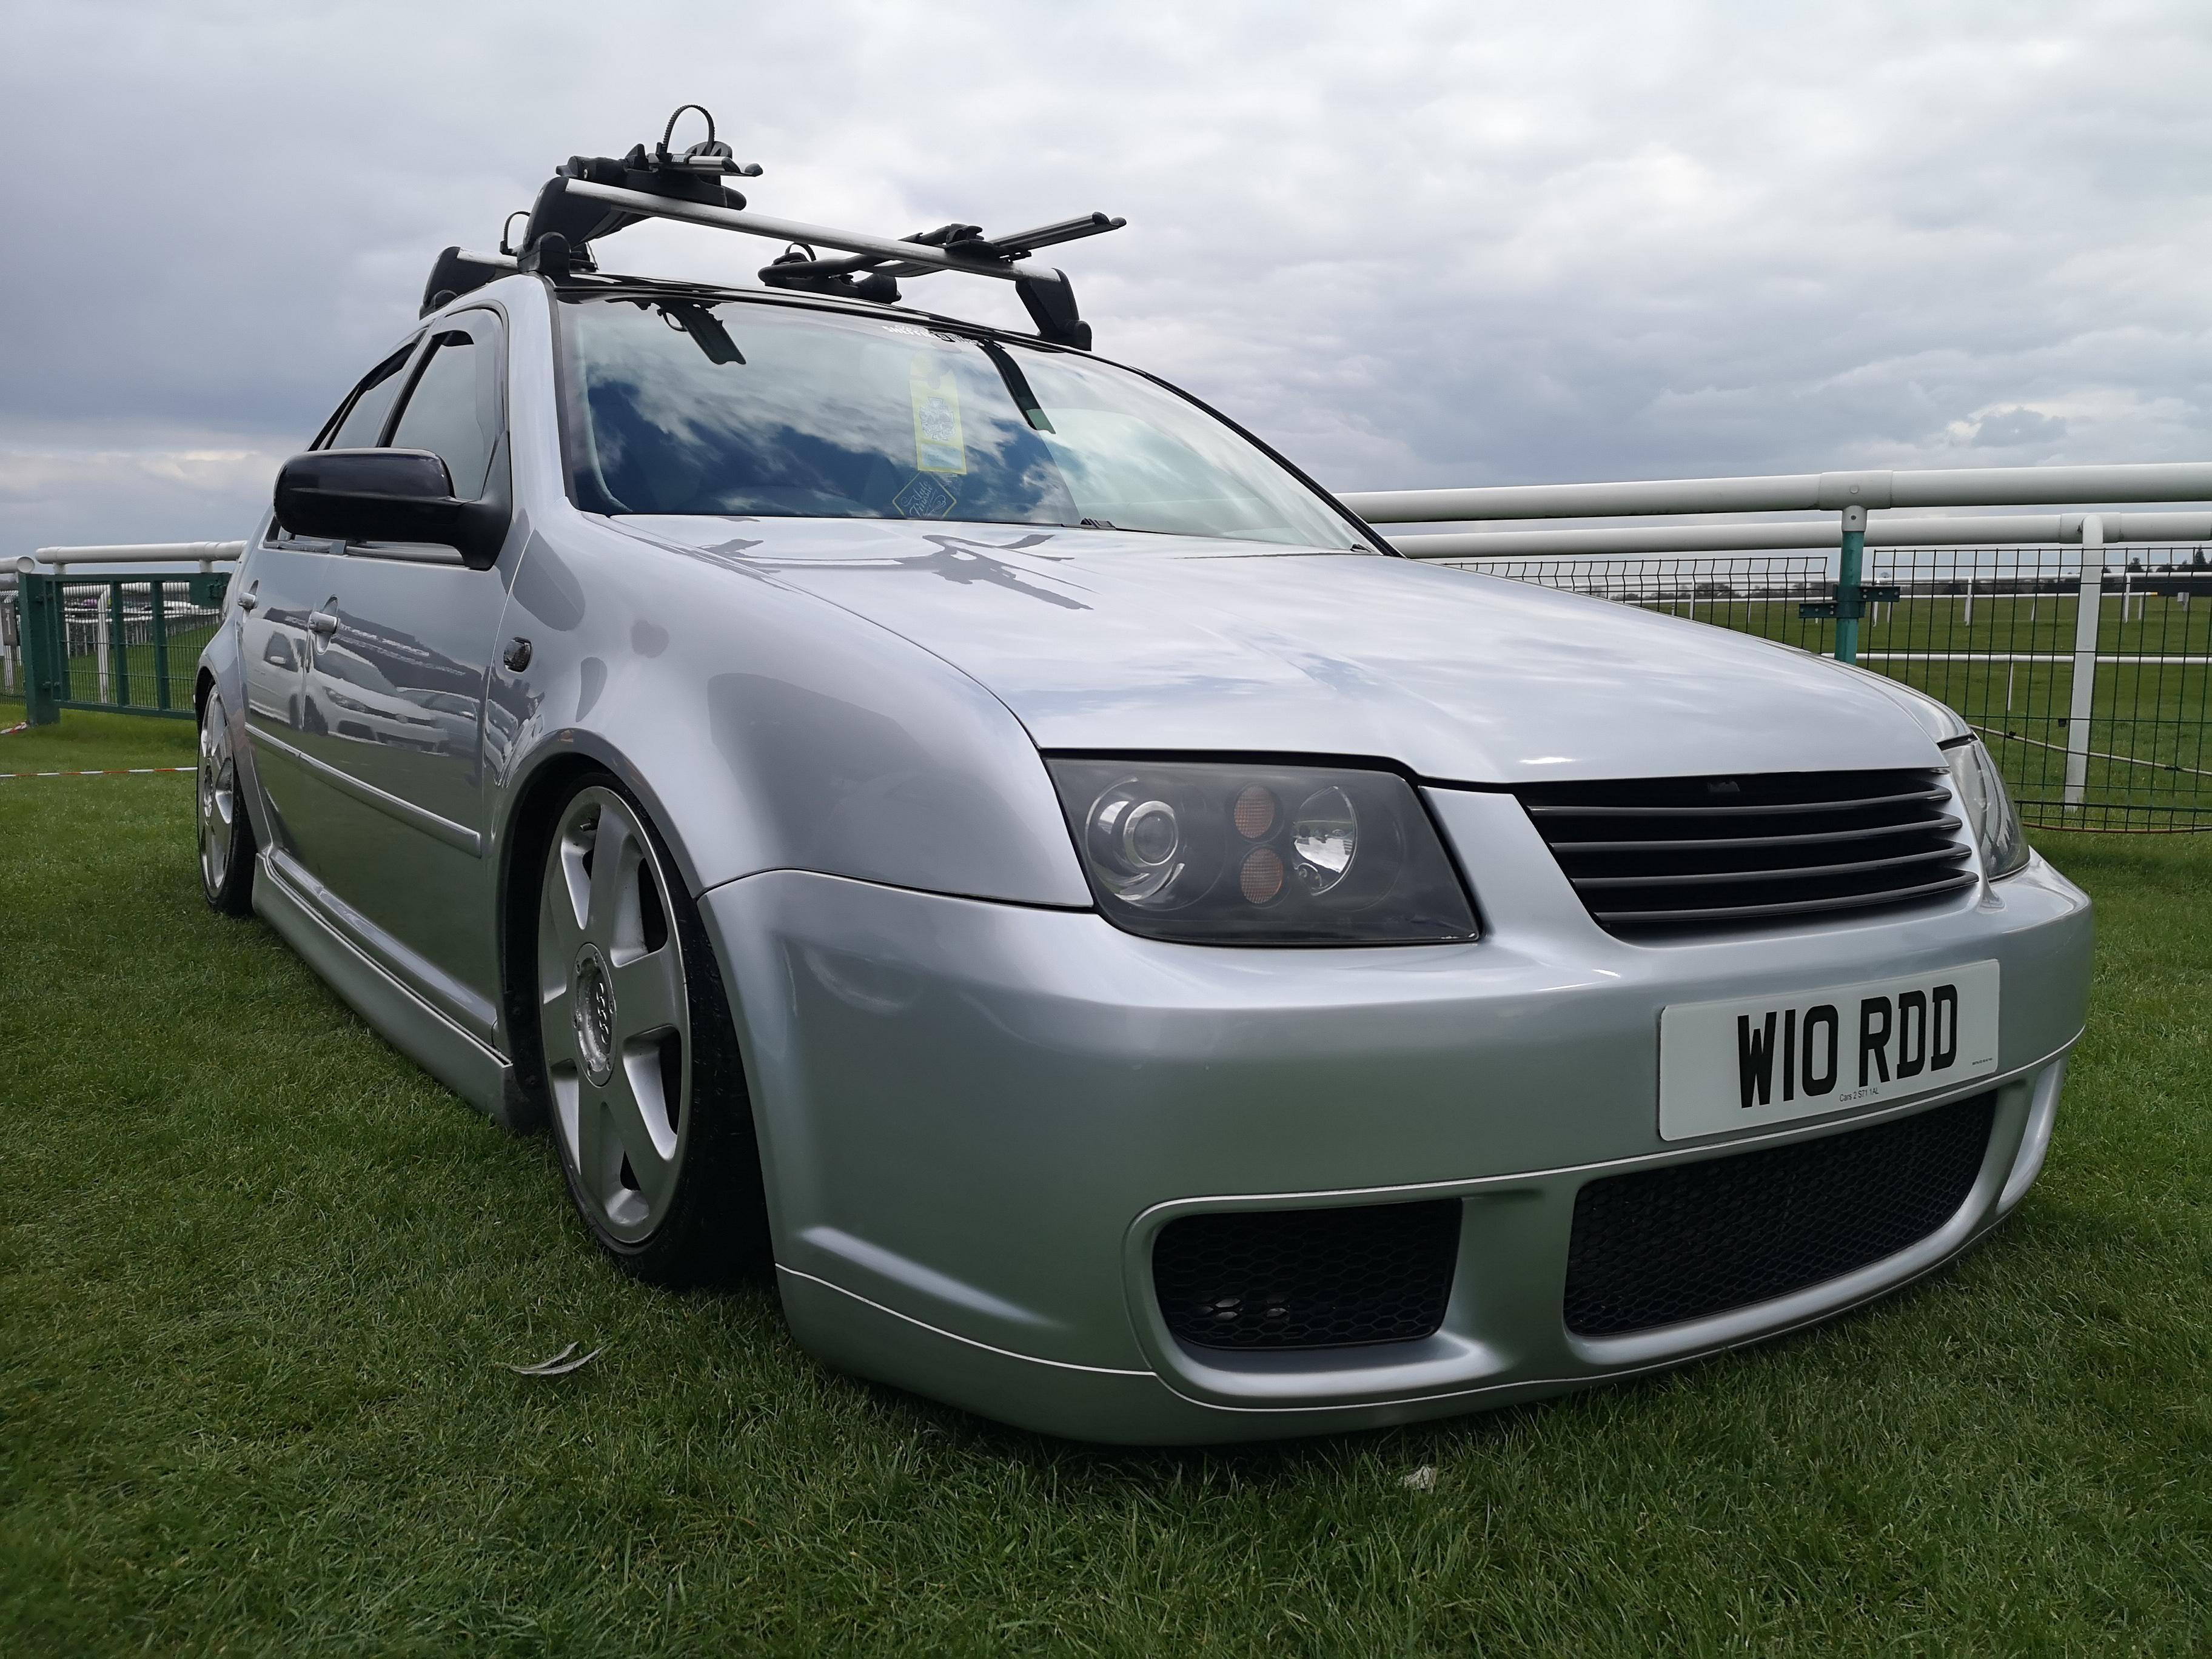 Silver VW Bora